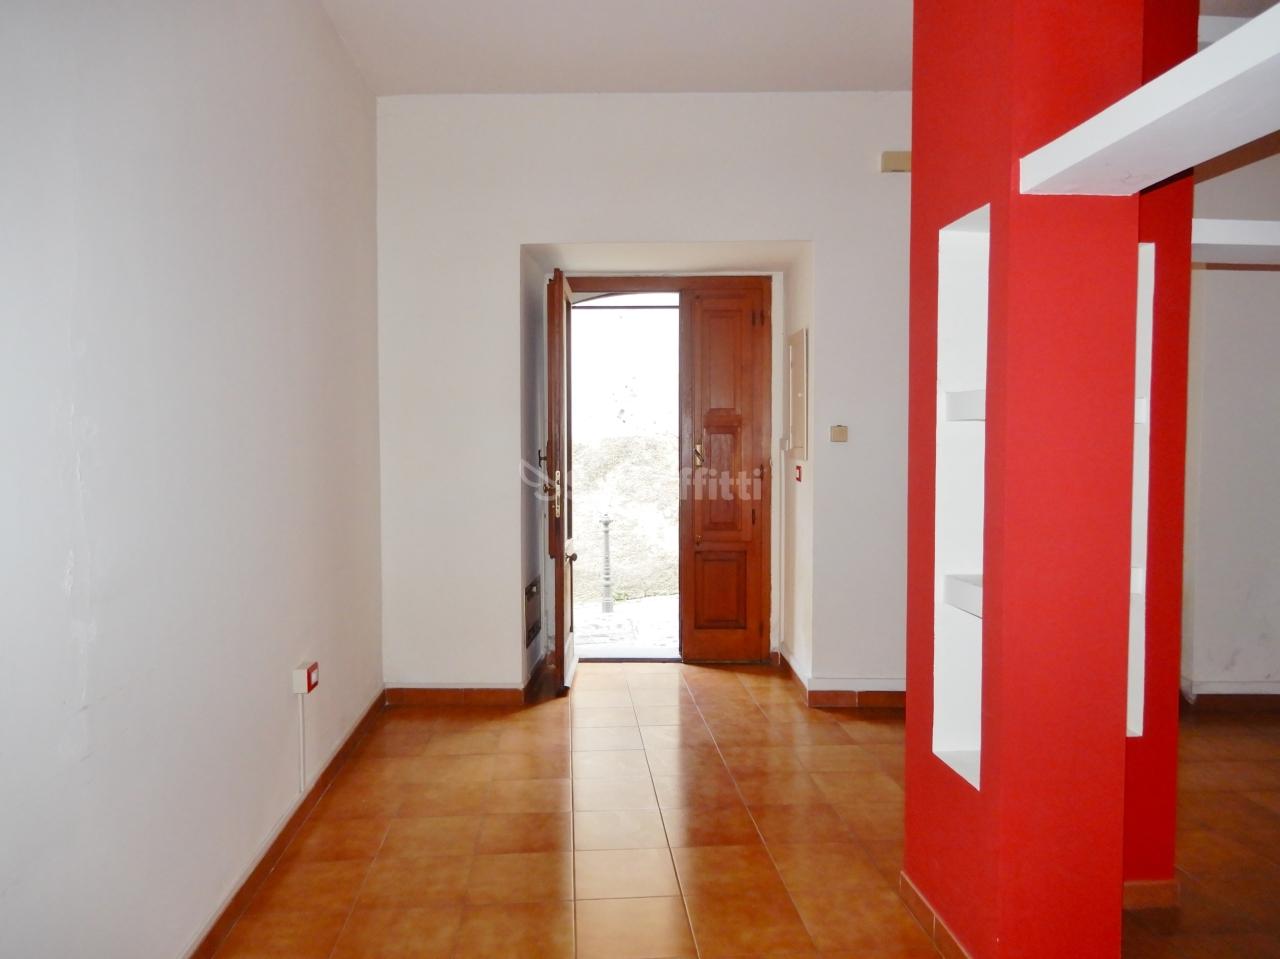 Ufficio - 3 locali a Centro storico, Catanzaro Rif. 10223303